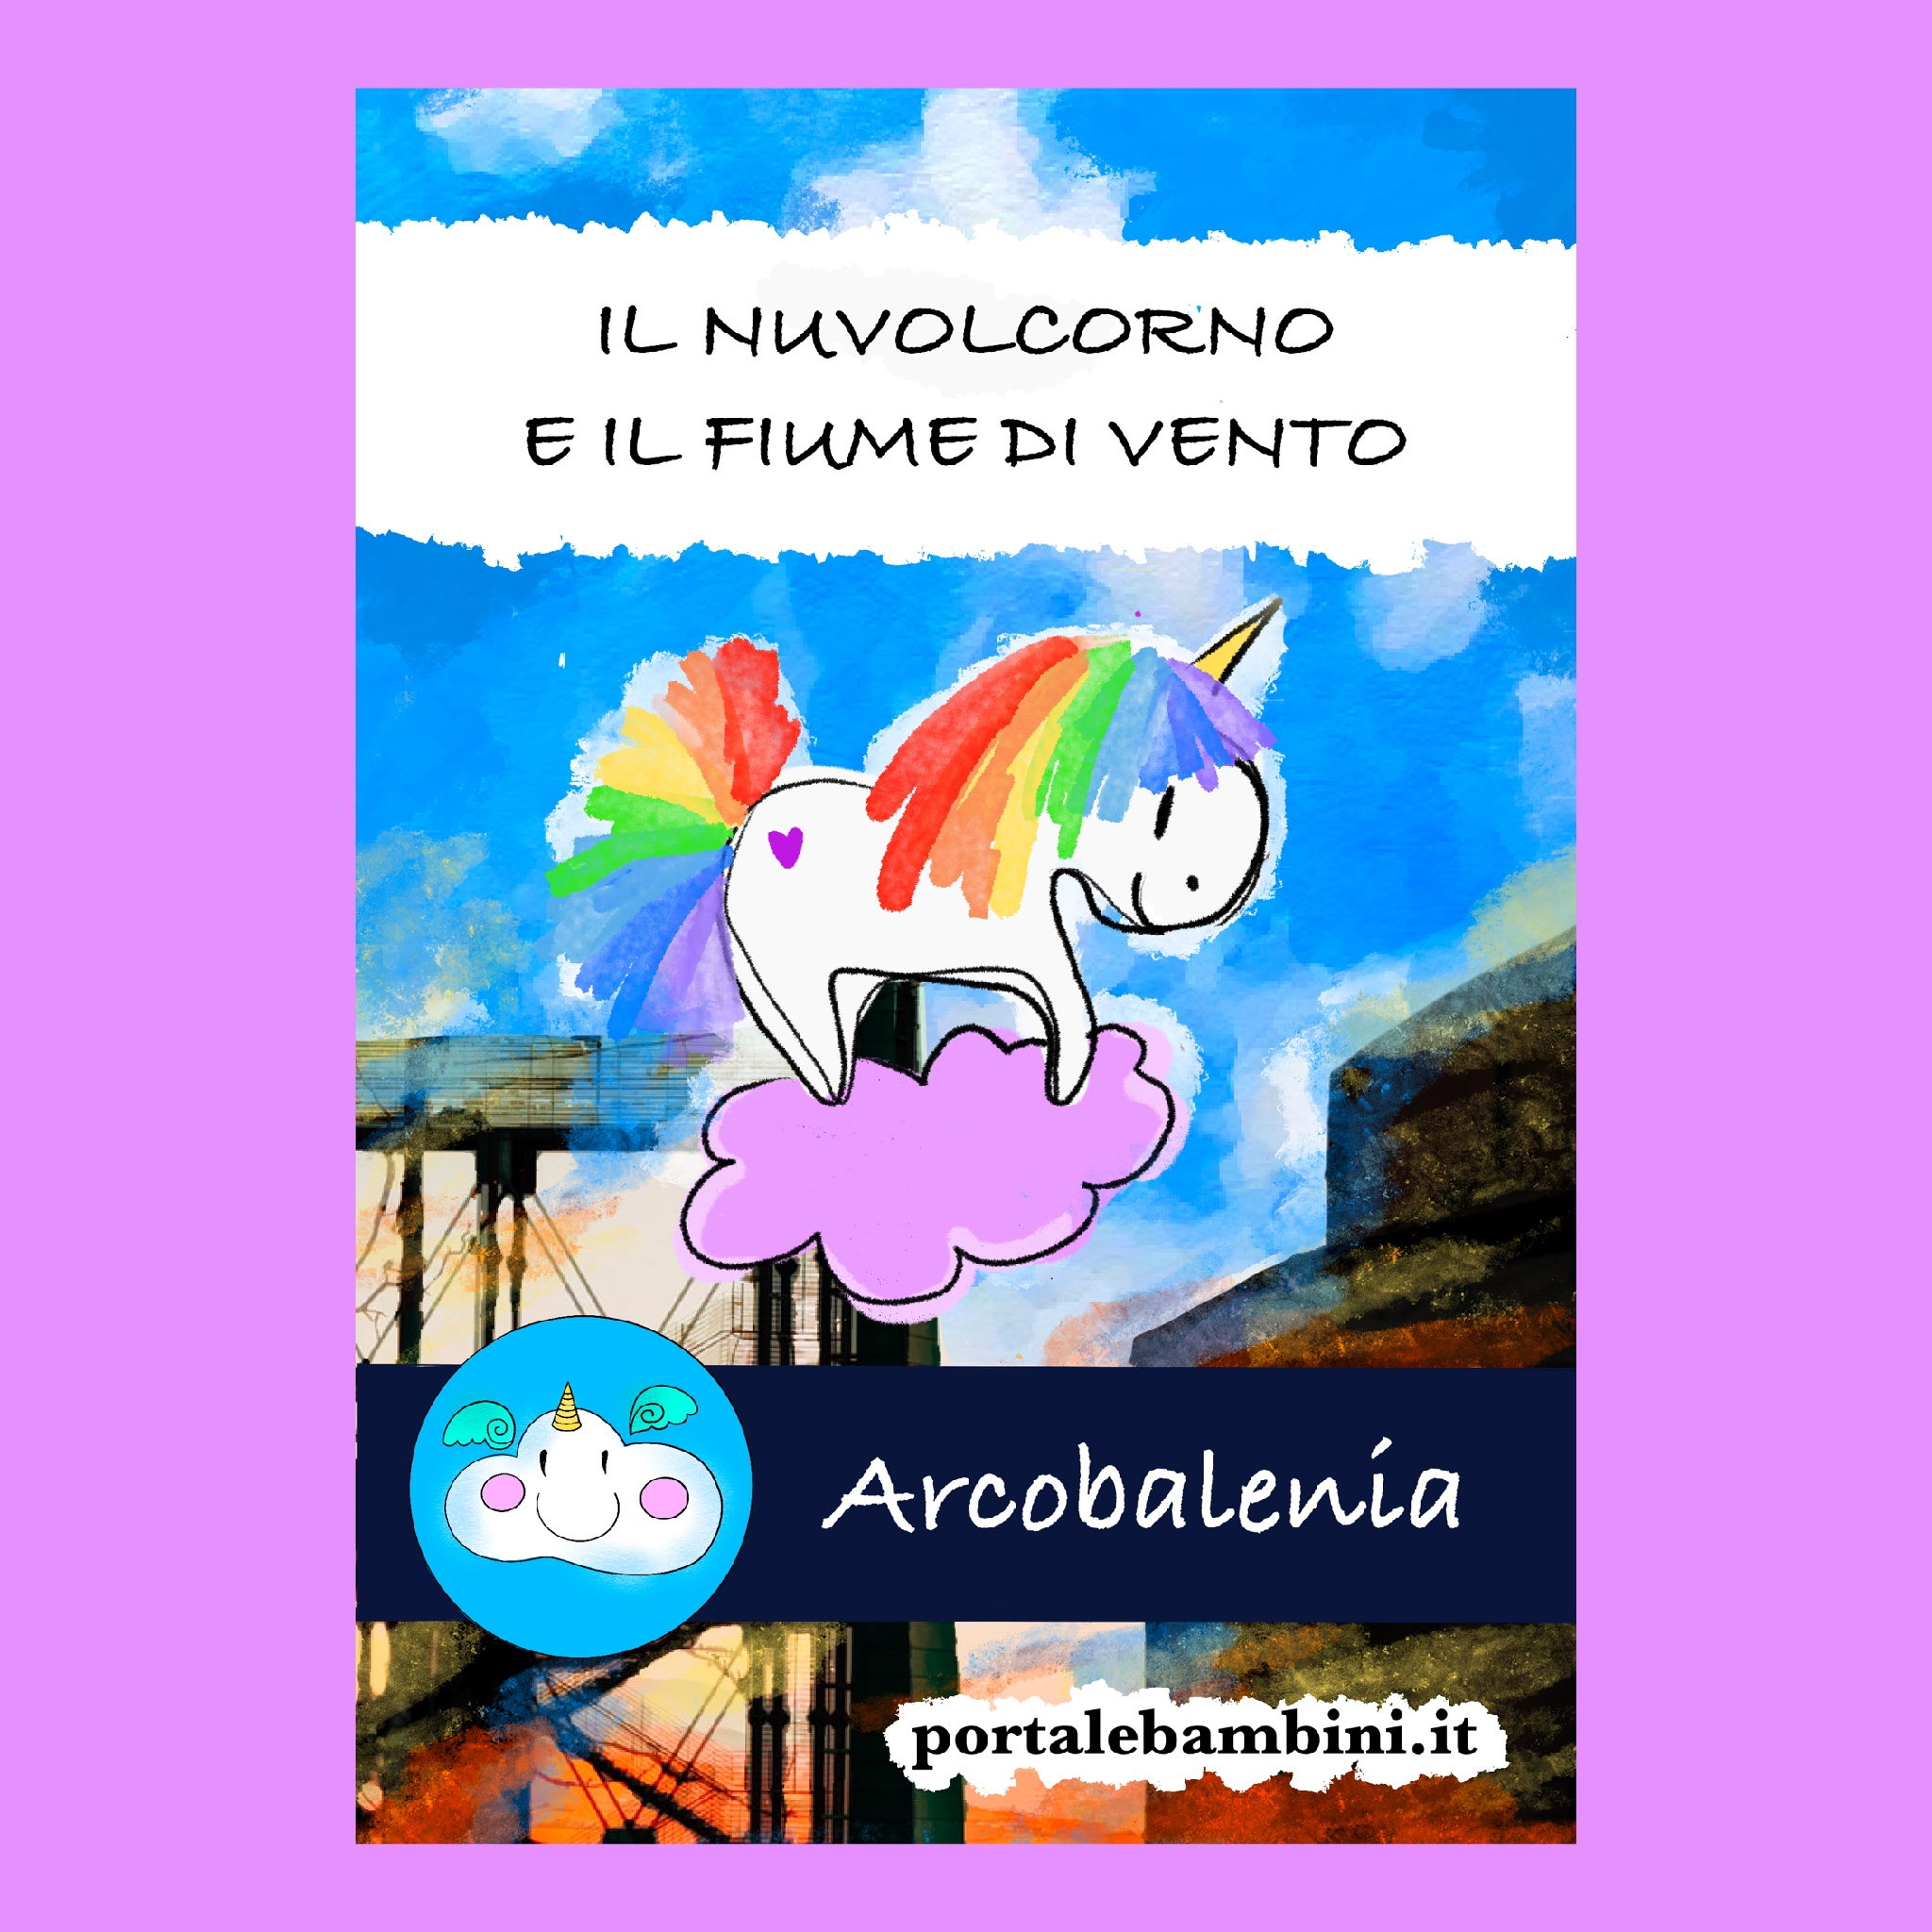 arcobalenia 2 nuvolcorno